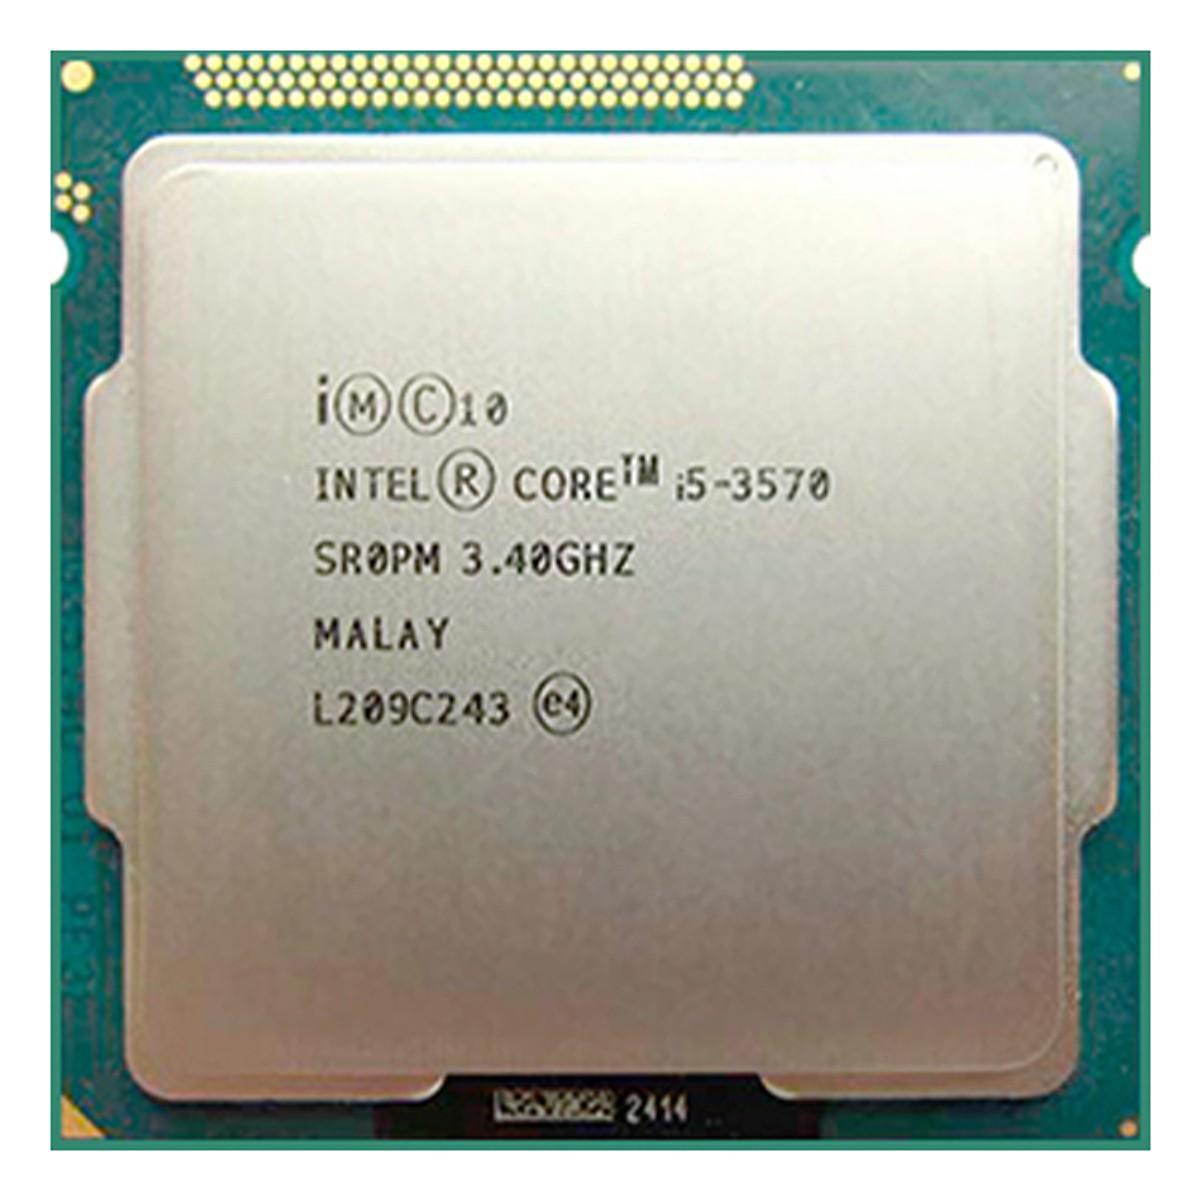 Giá Bộ Vi Xử Lý CPU Intel Core i5-3570